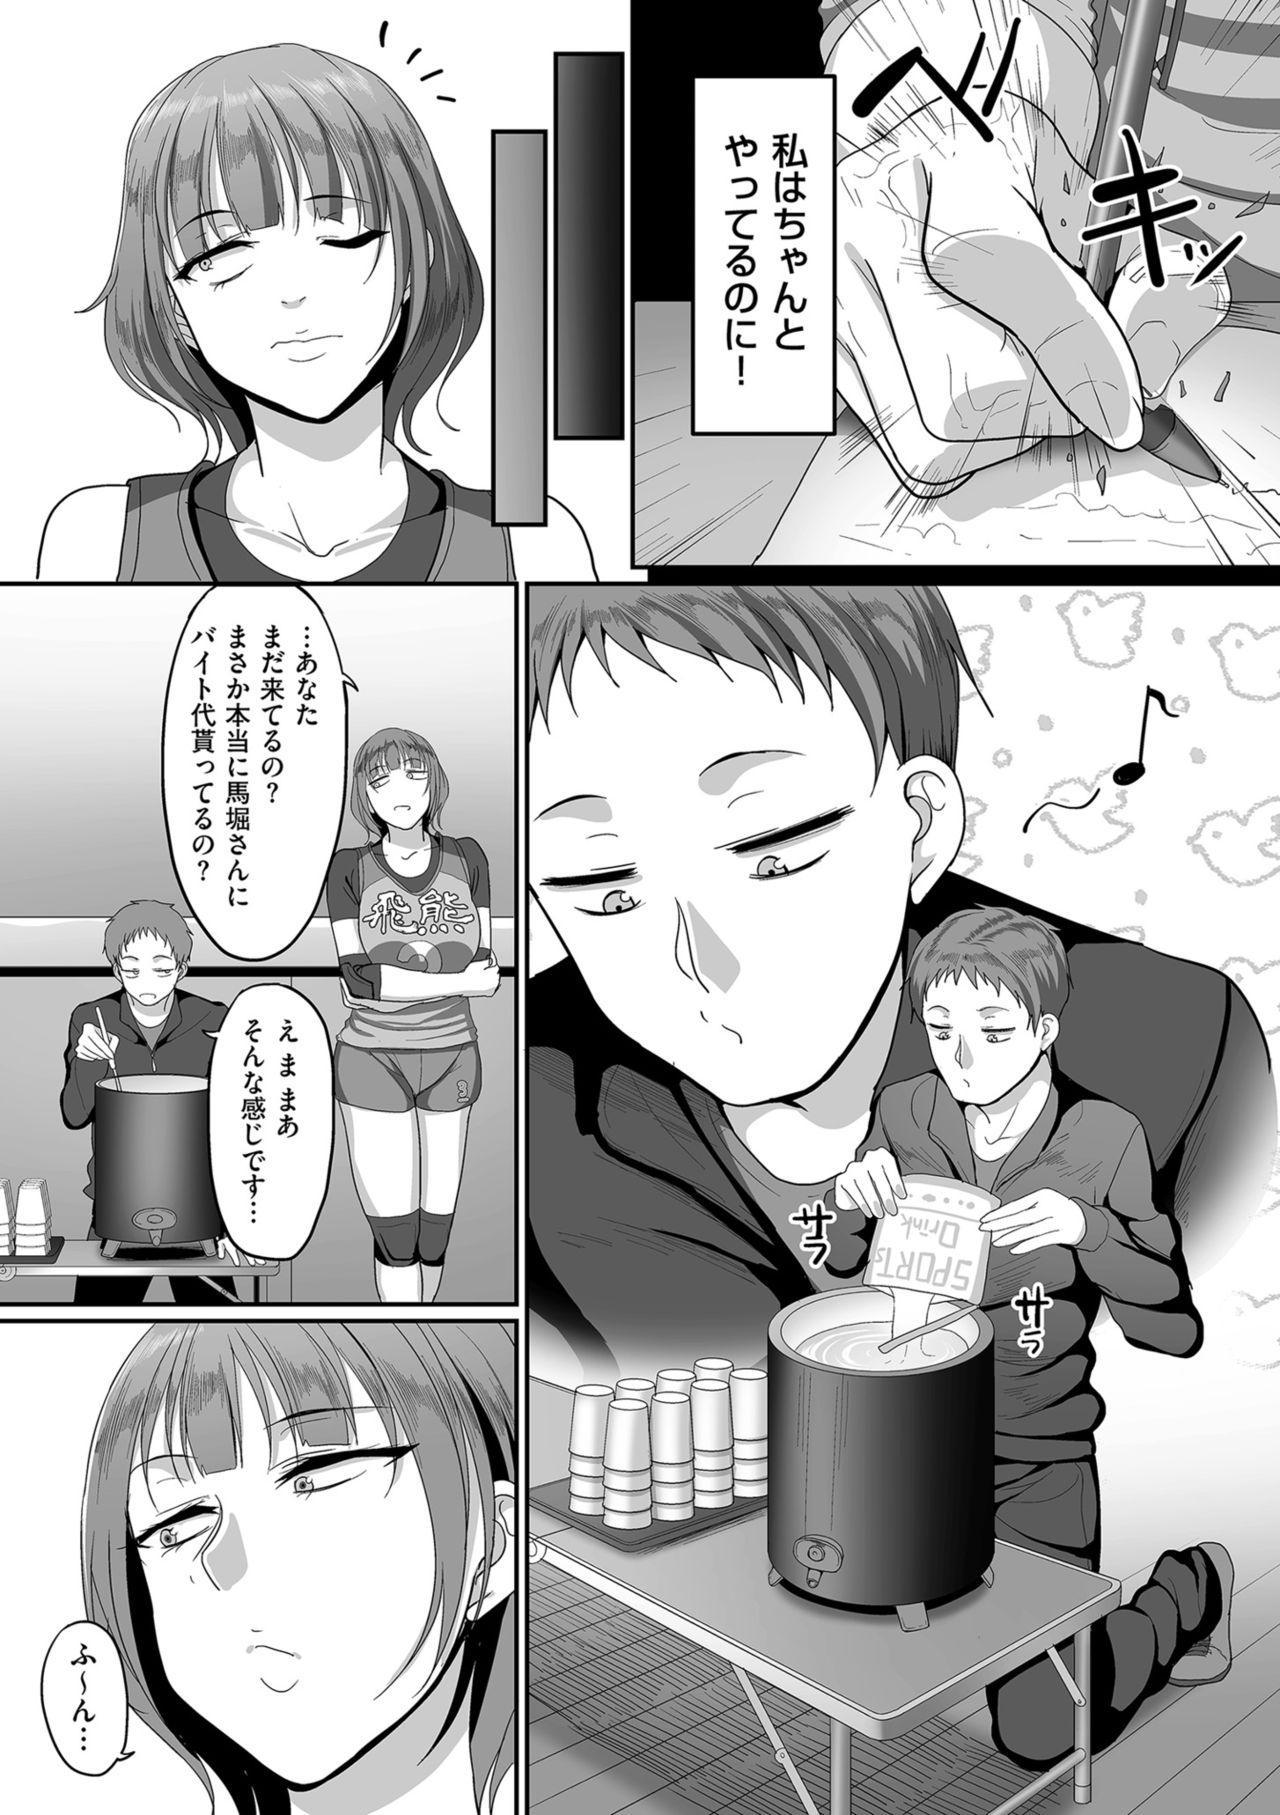 [Yamamoto Zenzen] S-ken K-shi Shakaijin Joshi Volleyball Circle no Jijou [Digital] 58